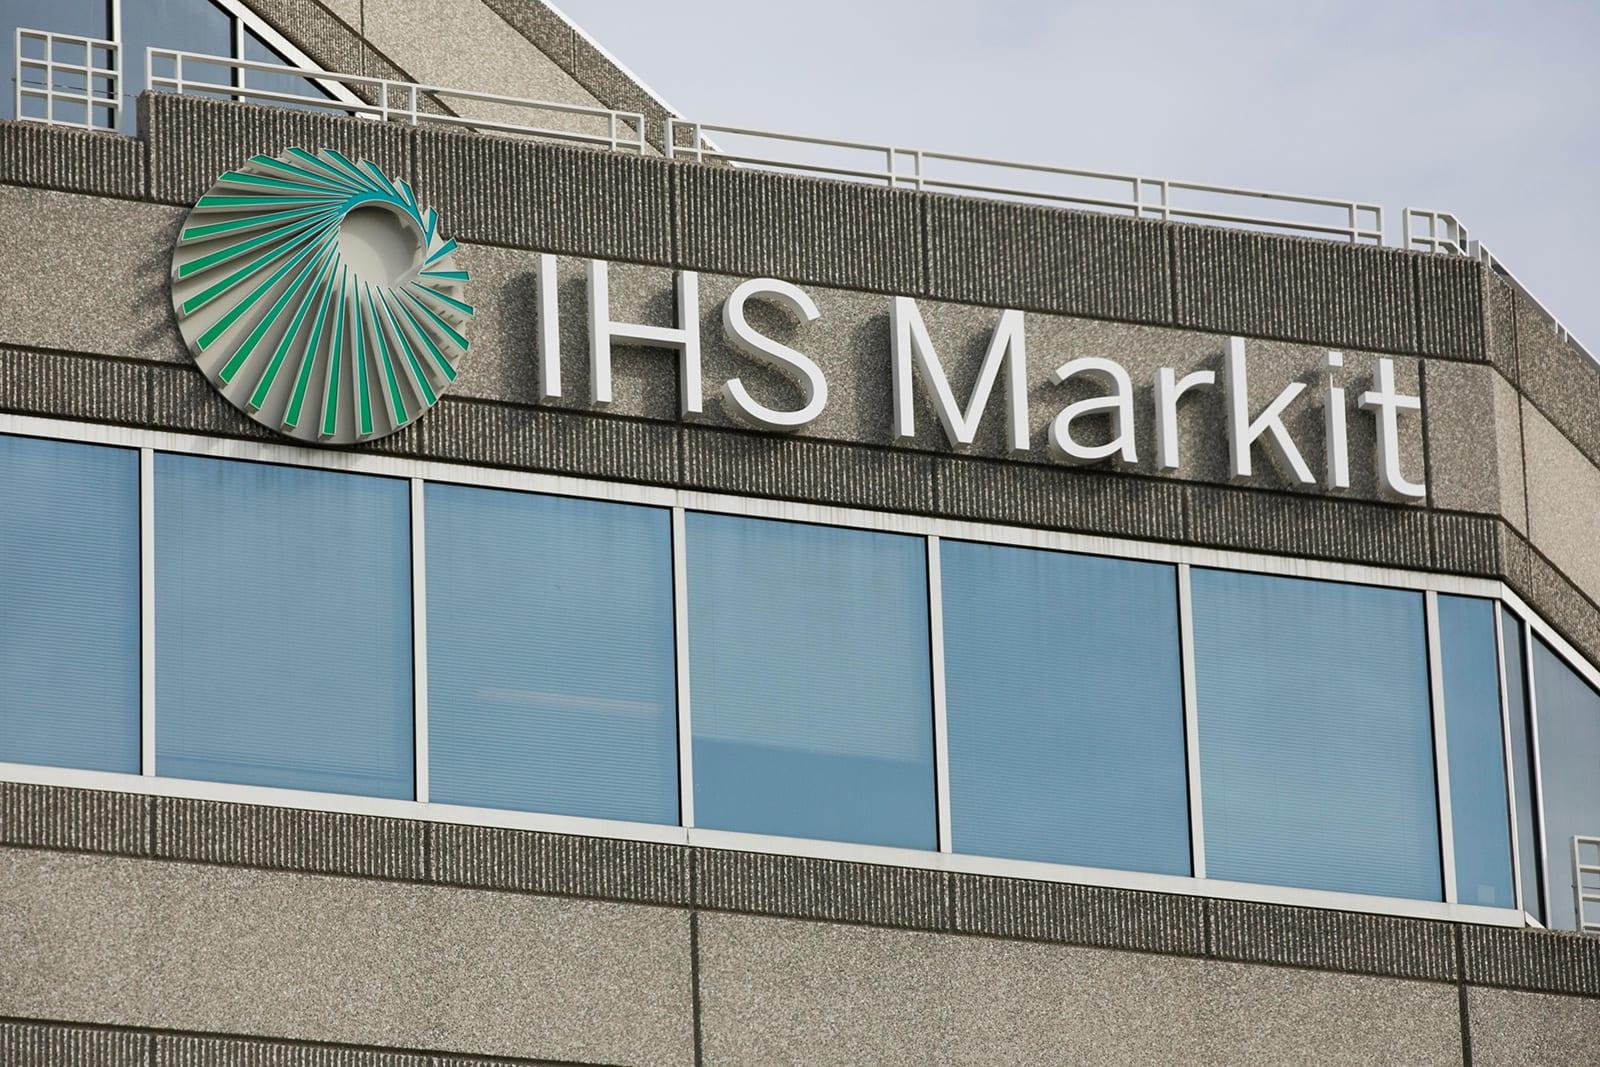 في أحد أكبر صفقات العام.. S&P غلوبال تستحوذ على IHS Markit